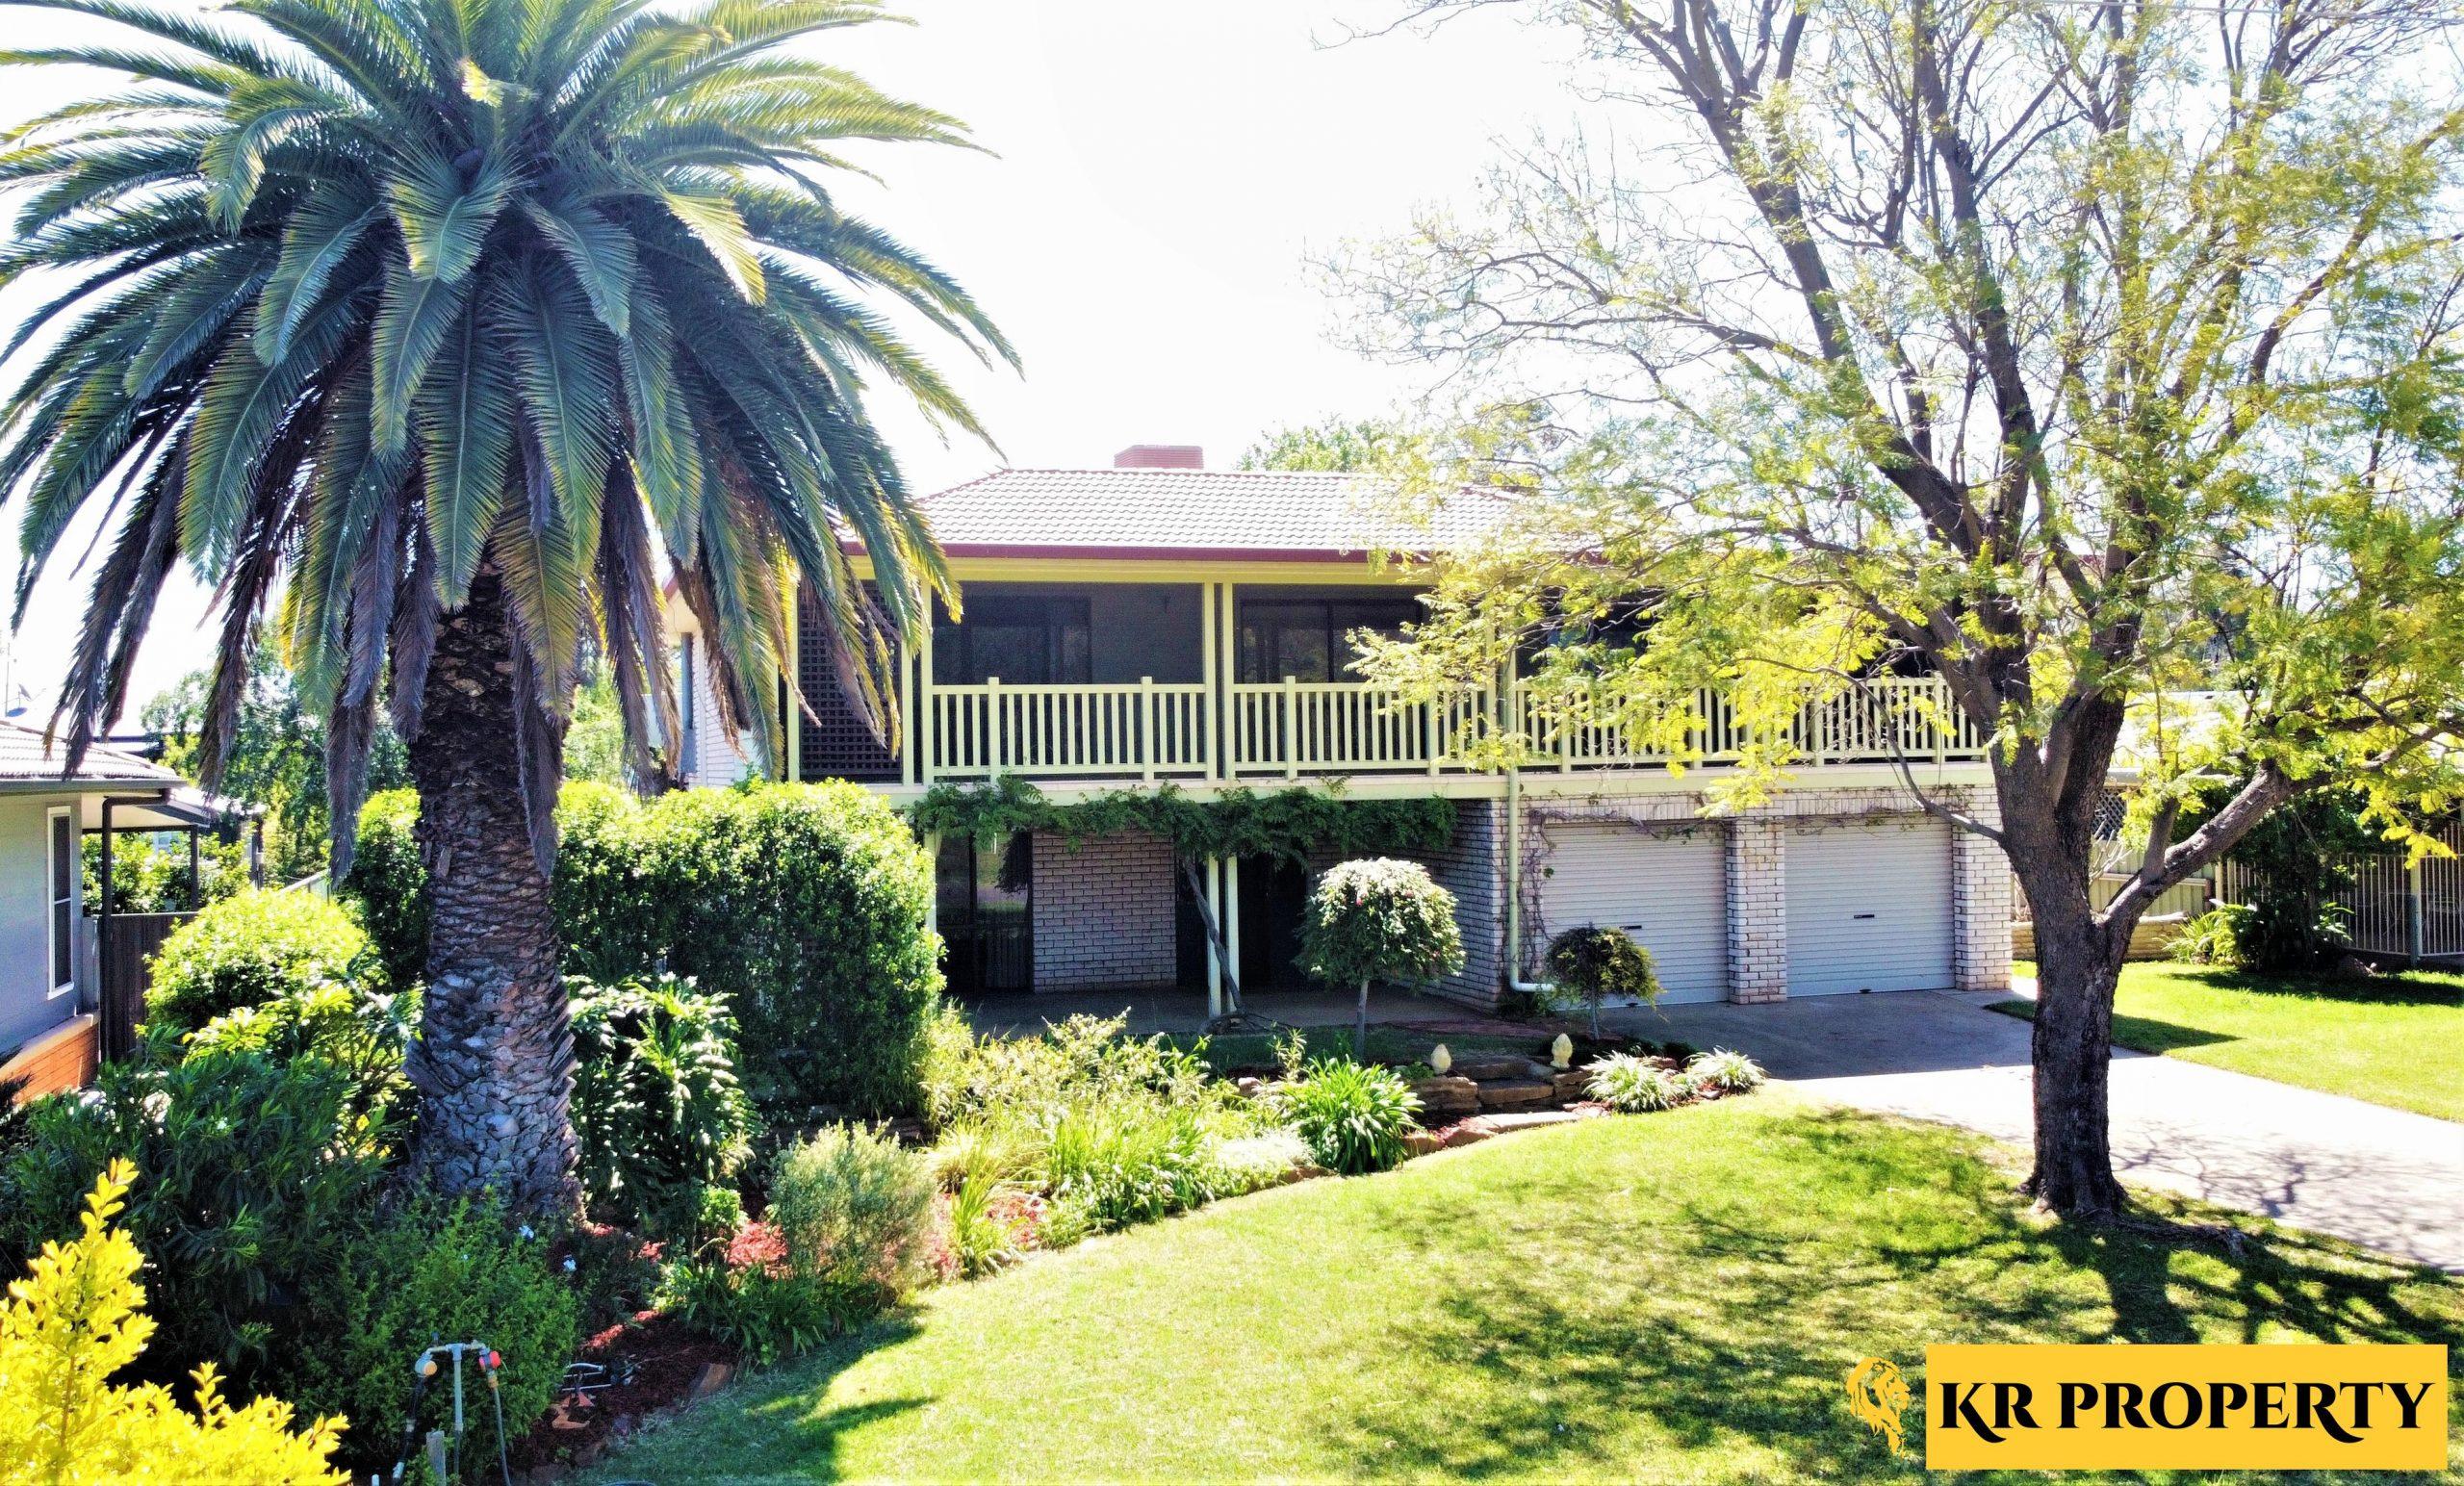 17 Elizabeth Street, NARRABRI  NSW  2390